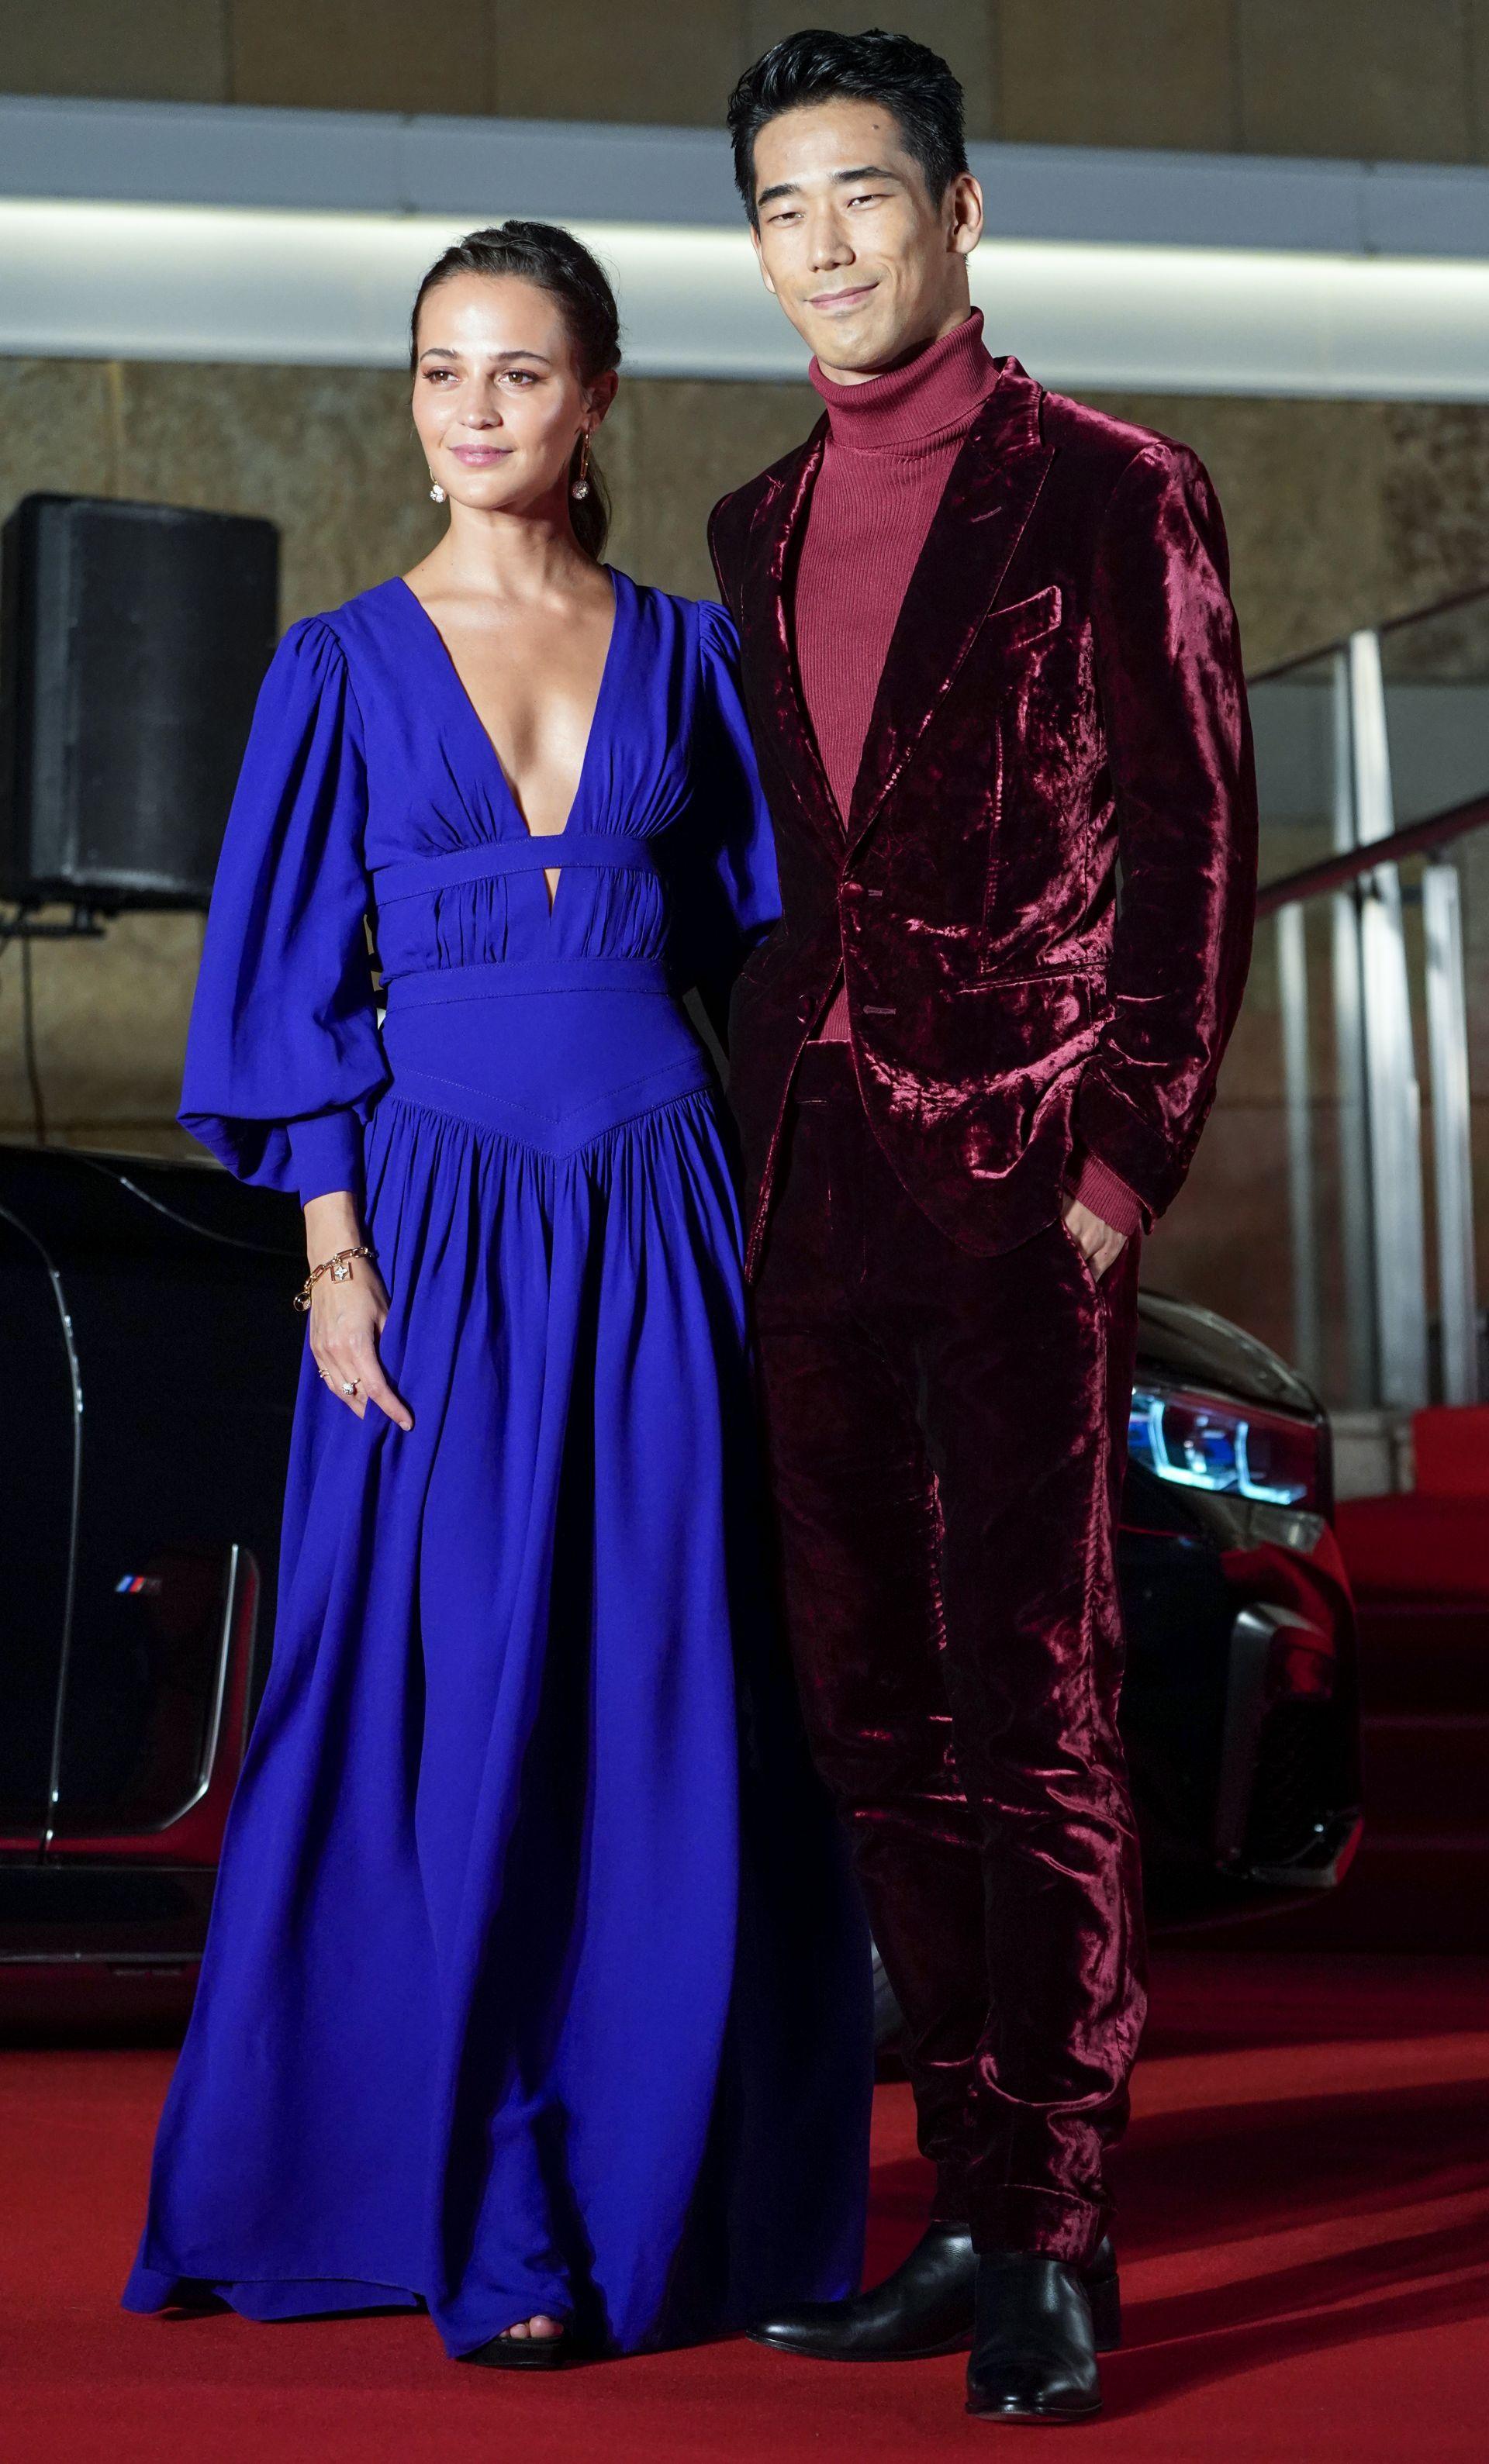 Алисия Викандер също заложи на кашмирена рокля в кралско синьо